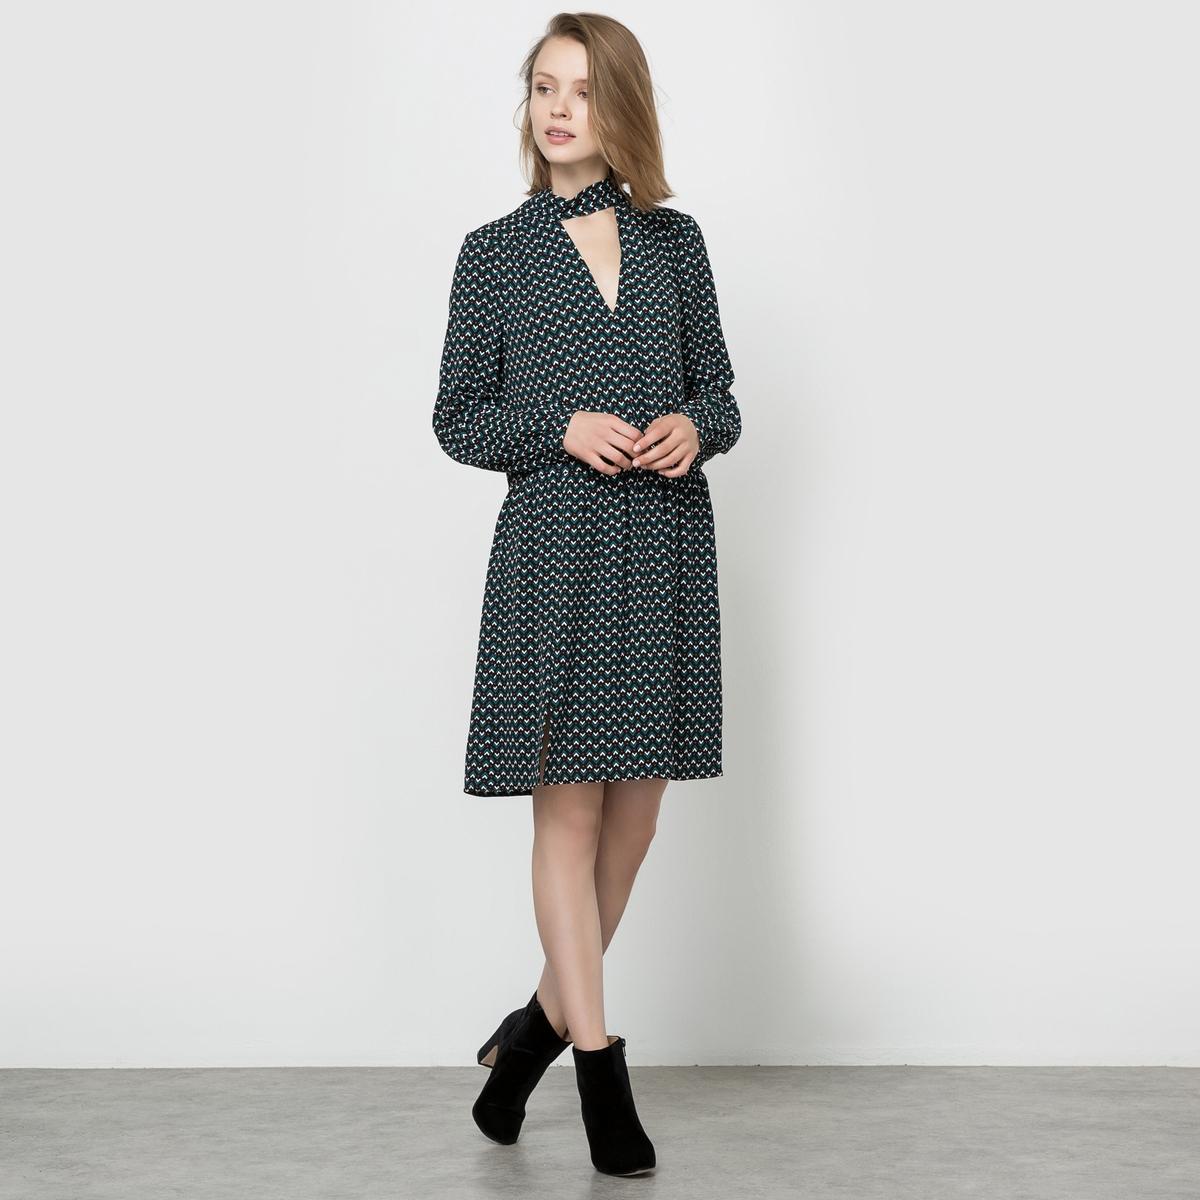 Платье с длинными рукавами, воротник с бантом, карманыСостав и описаниеМарка : SEE U SOONМатериалы : 100% полиэстера. Подкладка 100% полиэстера.<br><br>Цвет: черный наб. рисунок<br>Размер: XS